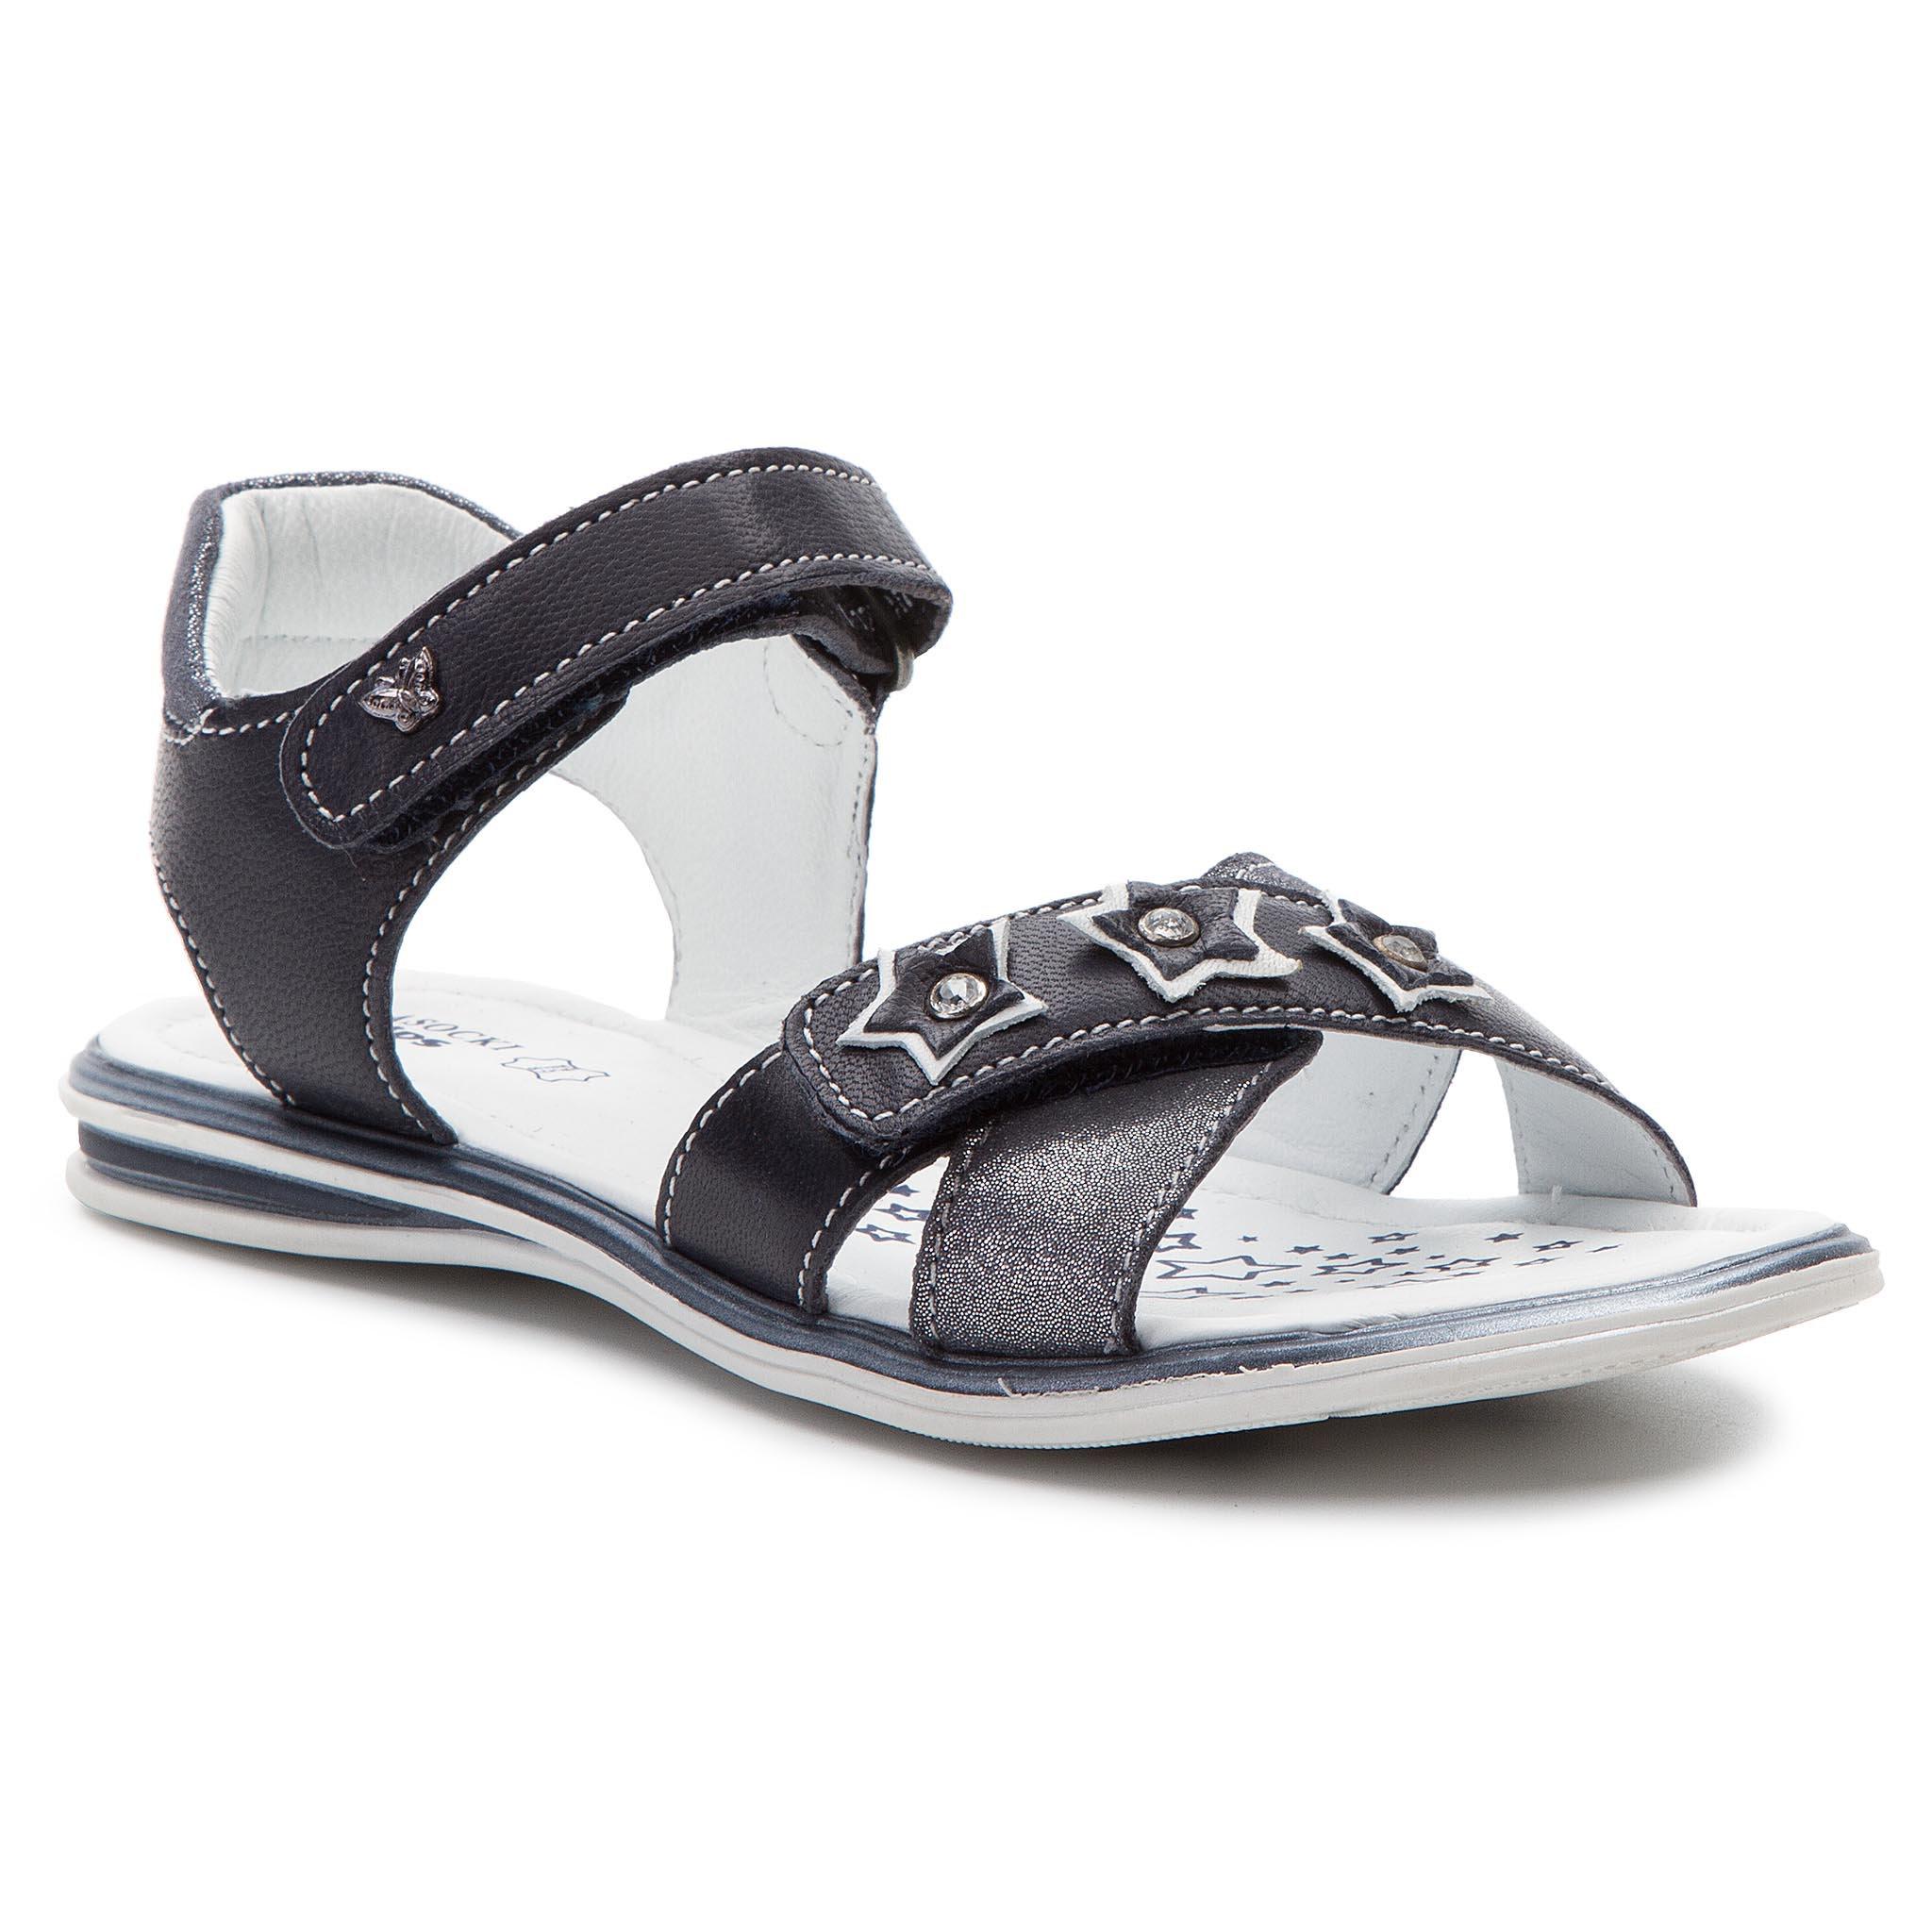 594d84e57473 sandále Lasocki Kids CI12-LOIRA-04 tmavomodrá Detské - Dievčenské - Sandále  - https   ccc.eu